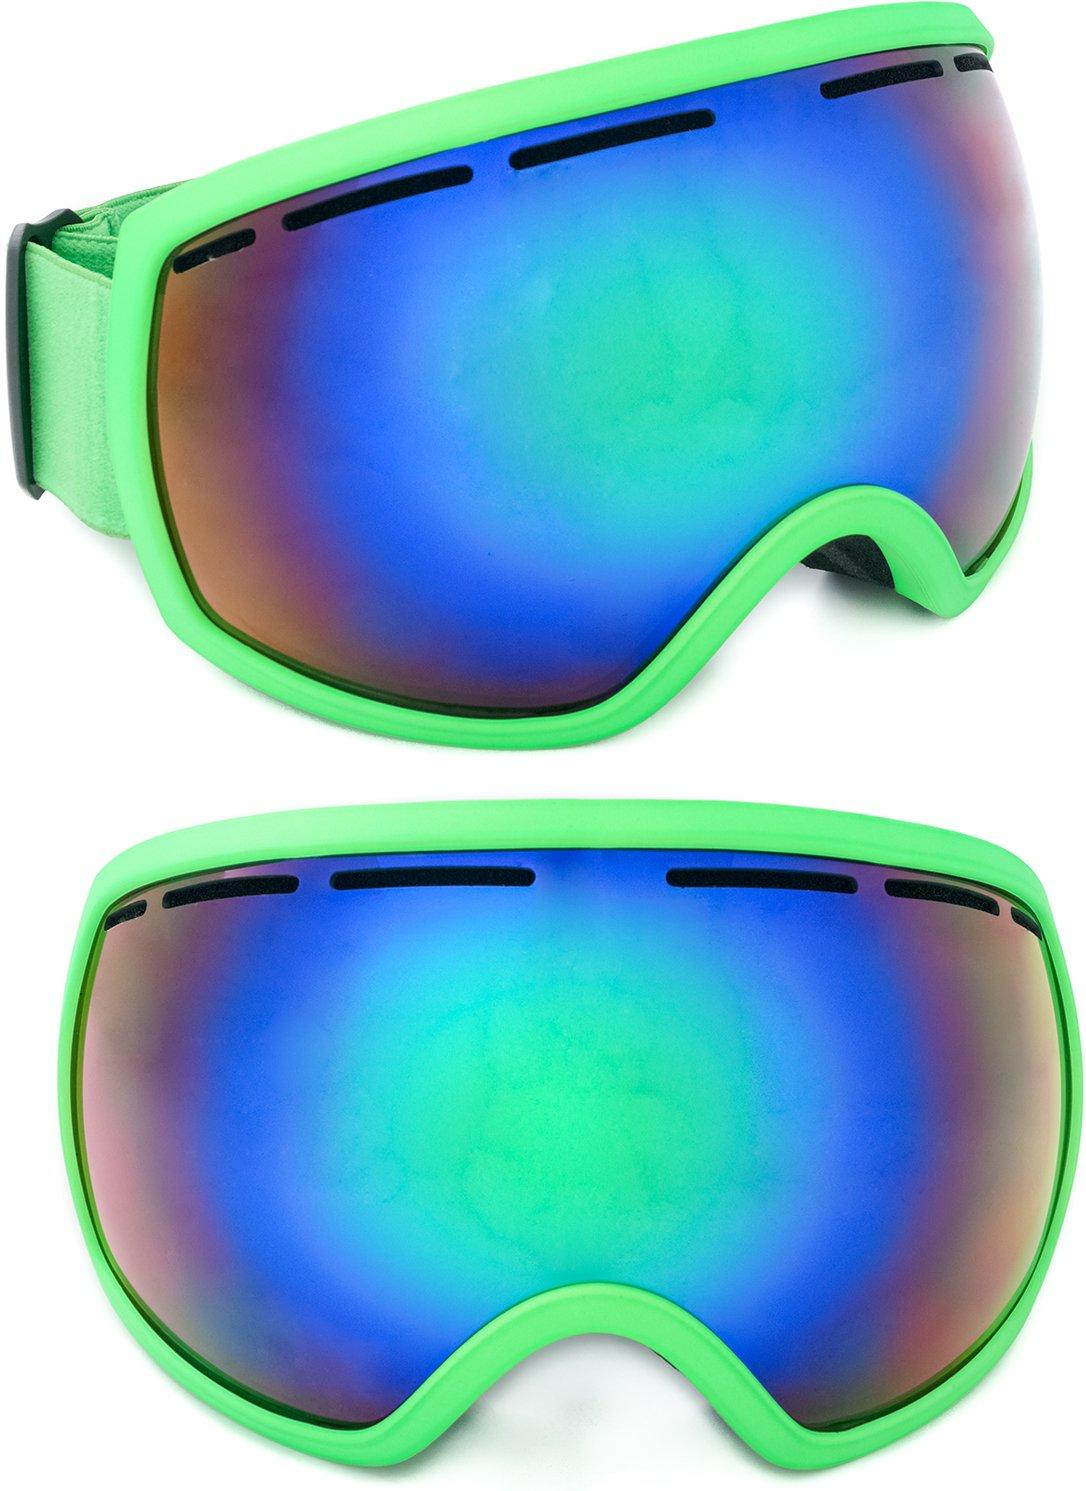 Skibrille verspiegelt Aspen 2018 unisex für Damen & Herren mit großem Sichtfeld / kratzfeste Gläser / inklusive Schutzbeutel und EVA Box / Etui / one size / Antifog / Doppelglas / inkl. Microfaserbag / Brillenträger / EVA Box / Hardcase / Brillenetui